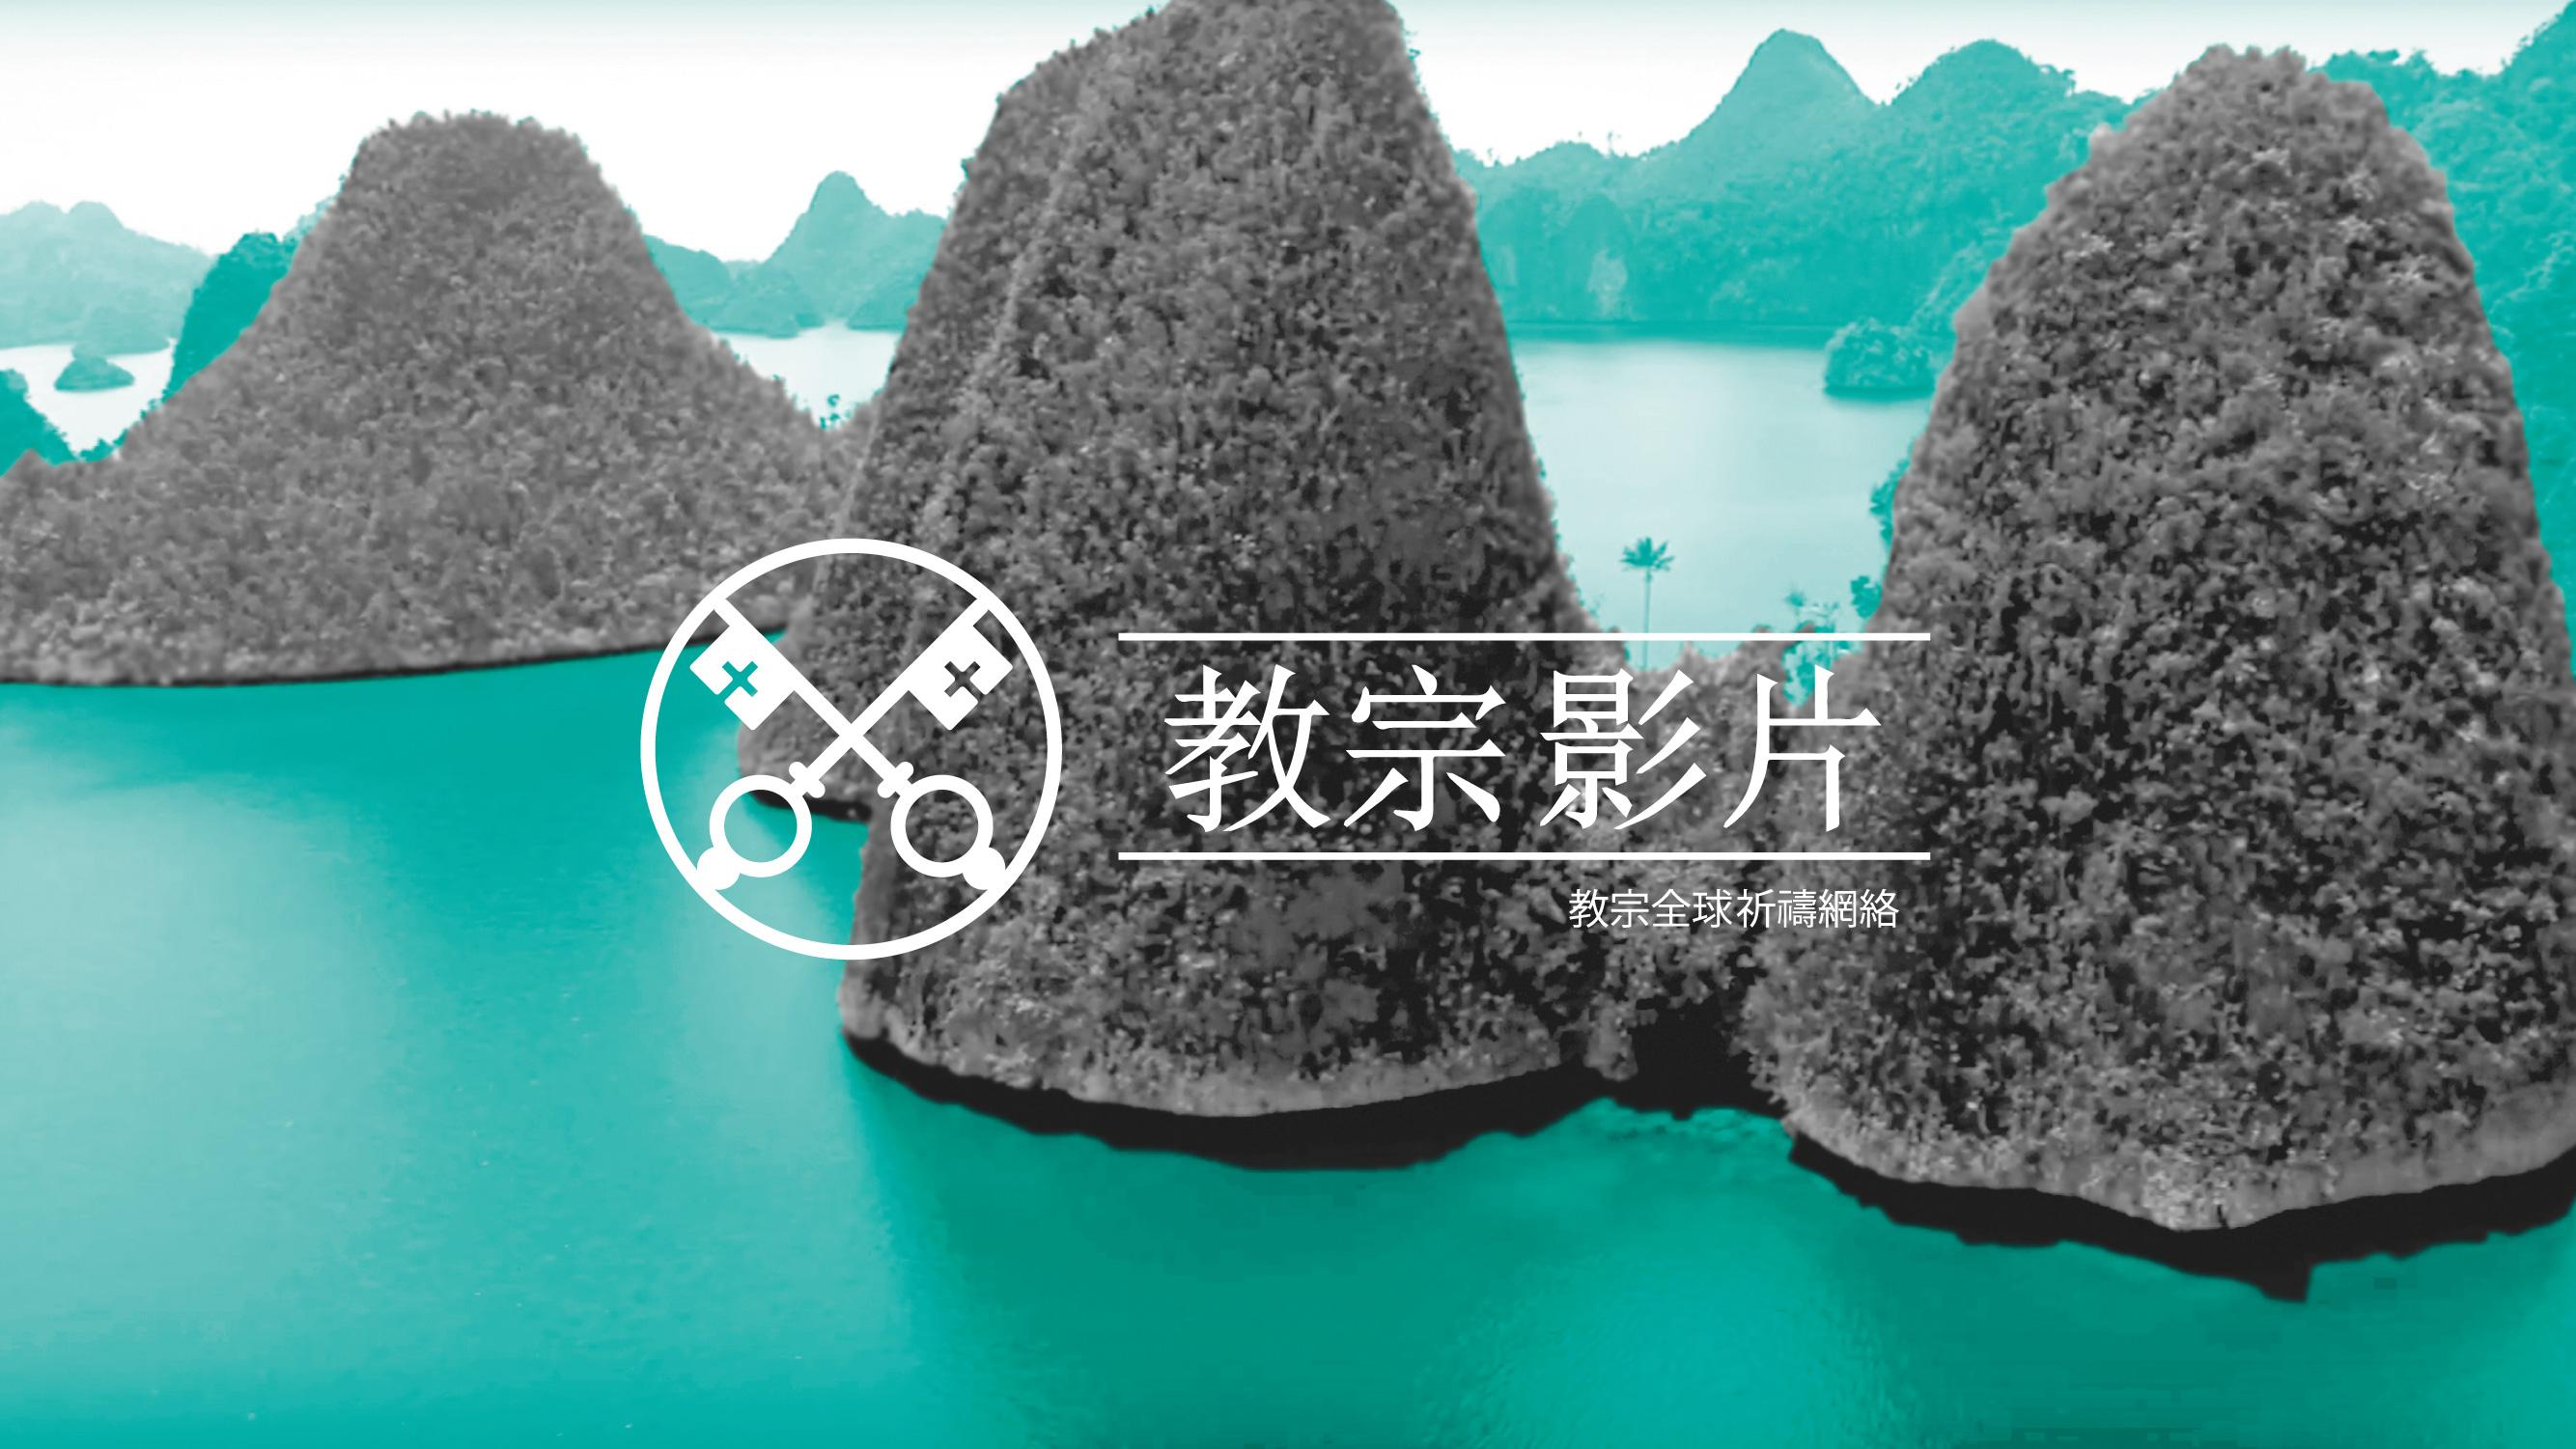 九月 : 為保護海洋  [擴展版]